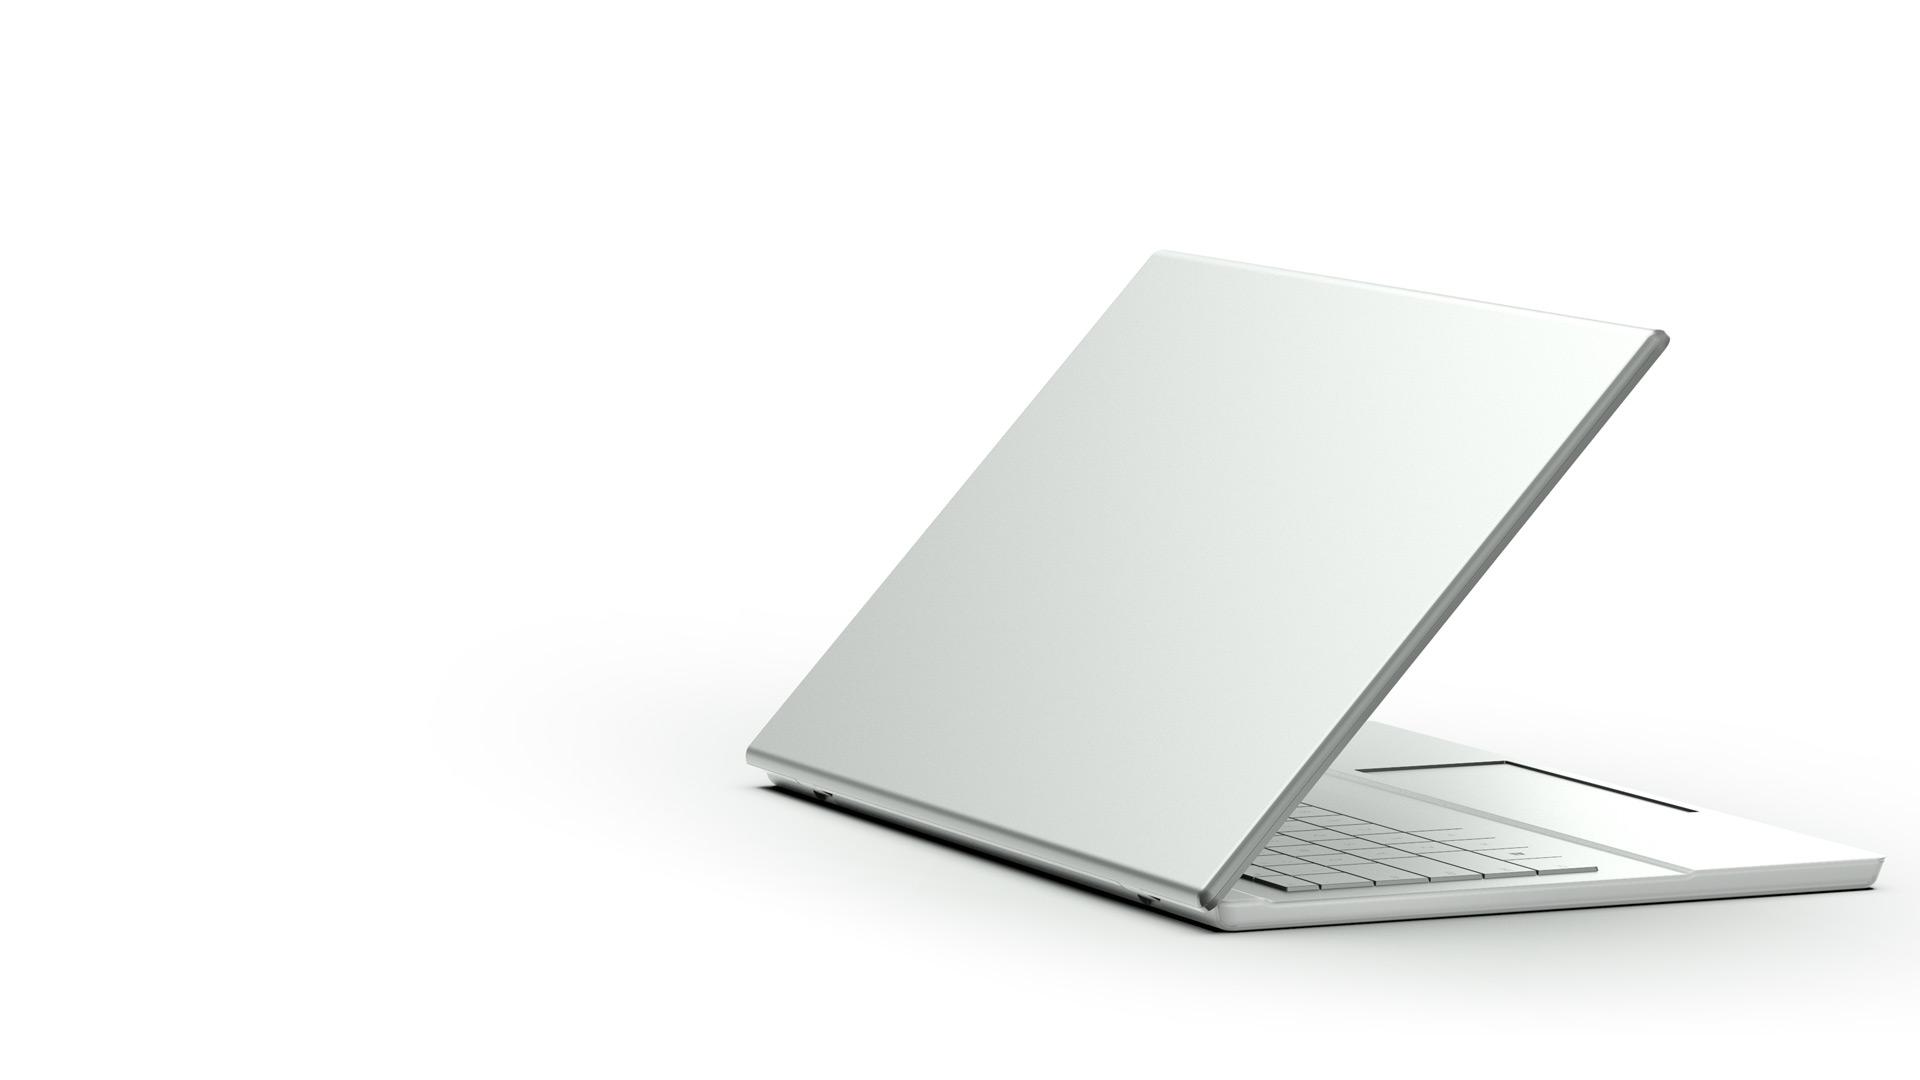 גב מחשב נייד עם Windows 10 שמונח פתוח